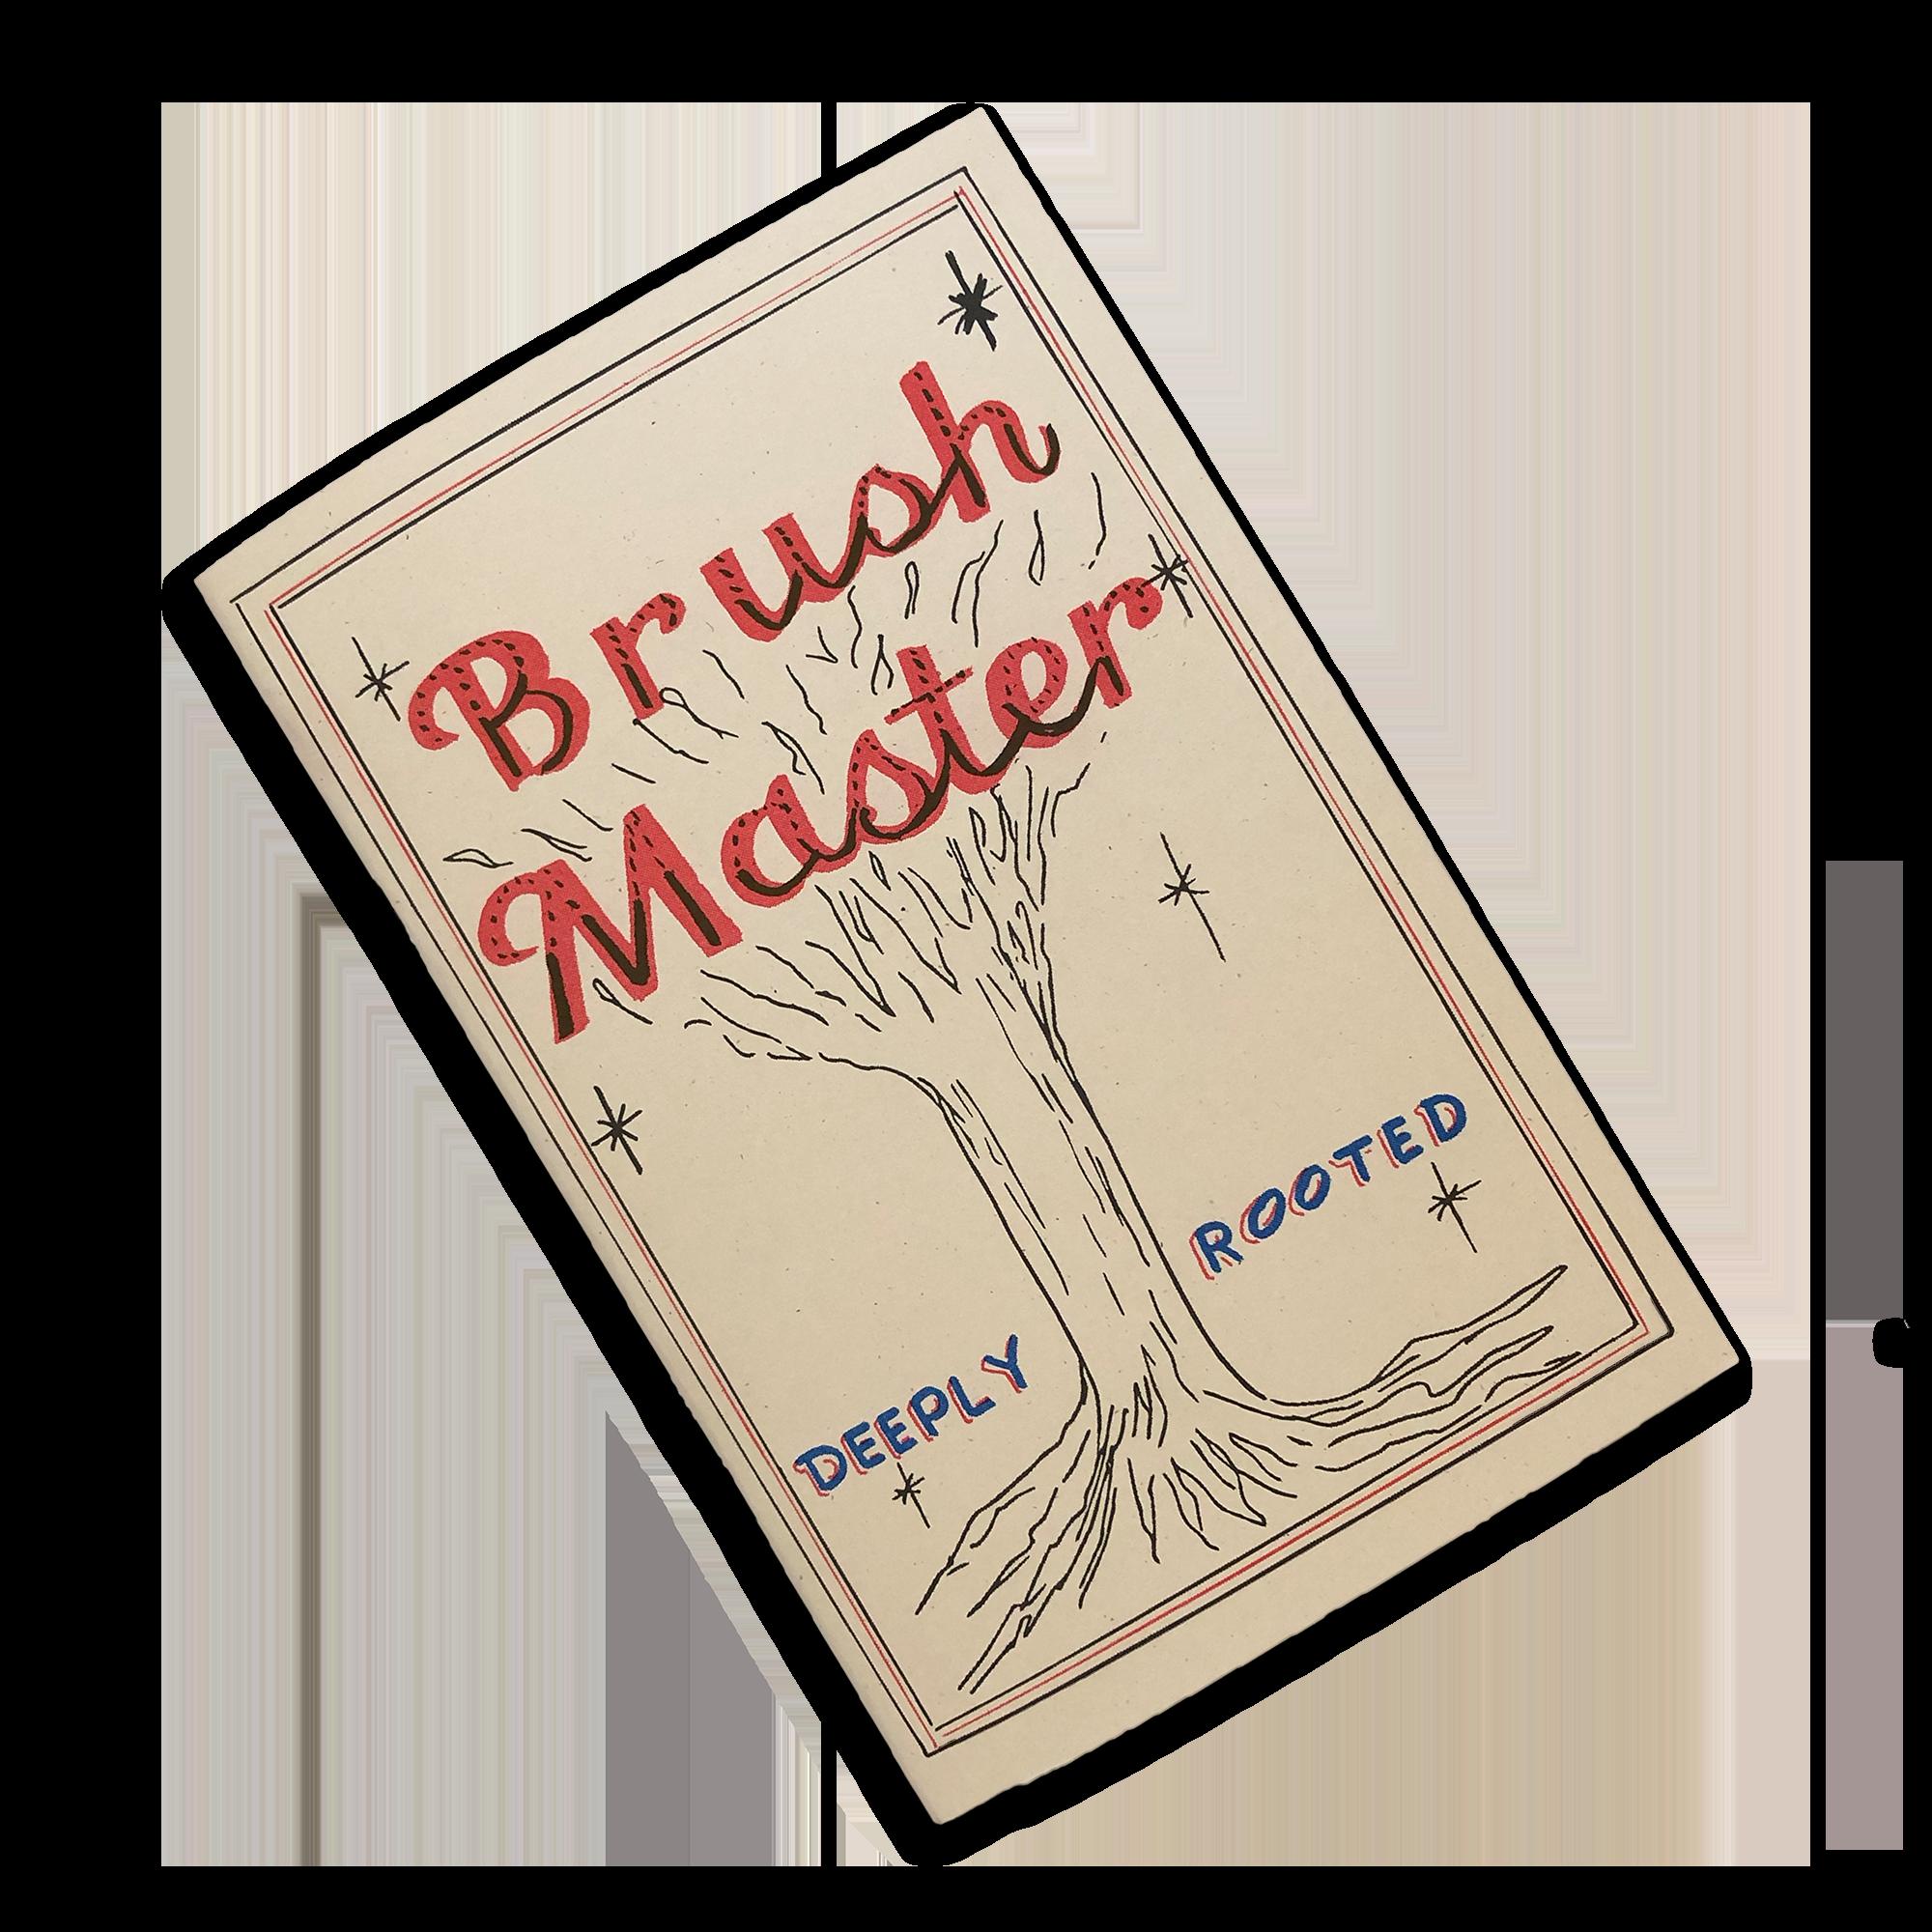 Brush Master - View more here ➝